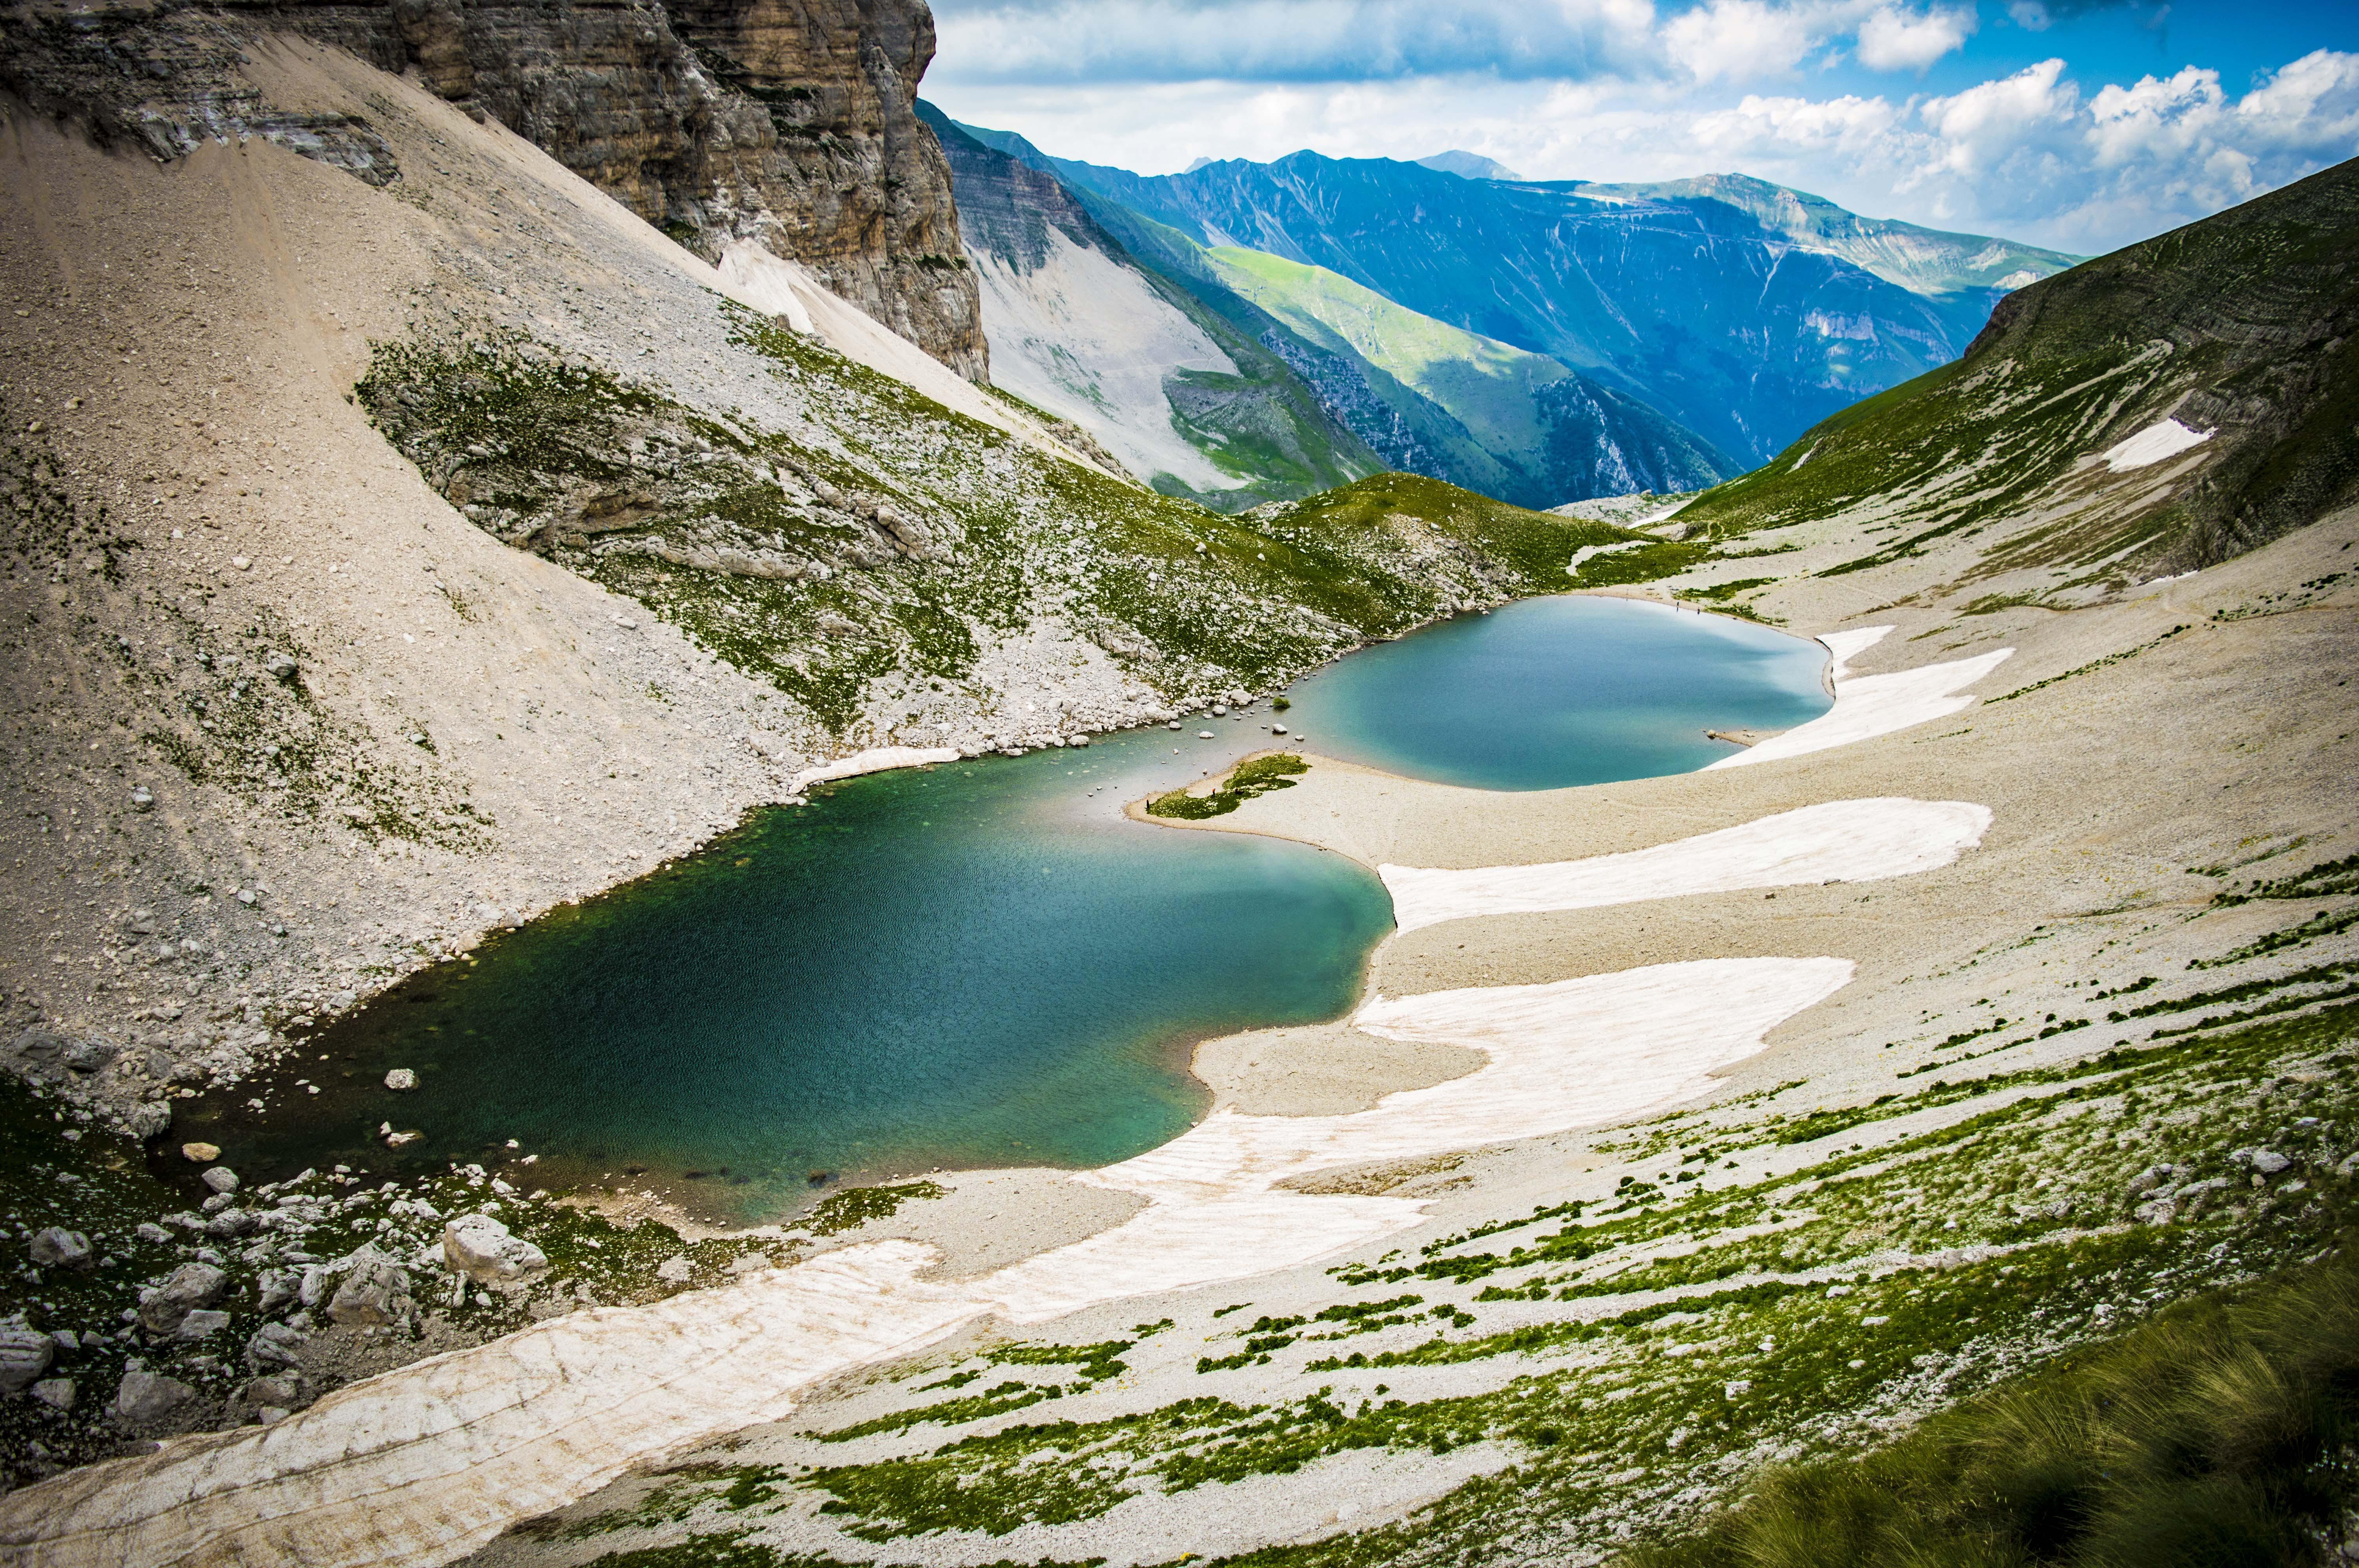 Lake Between Green Mountains